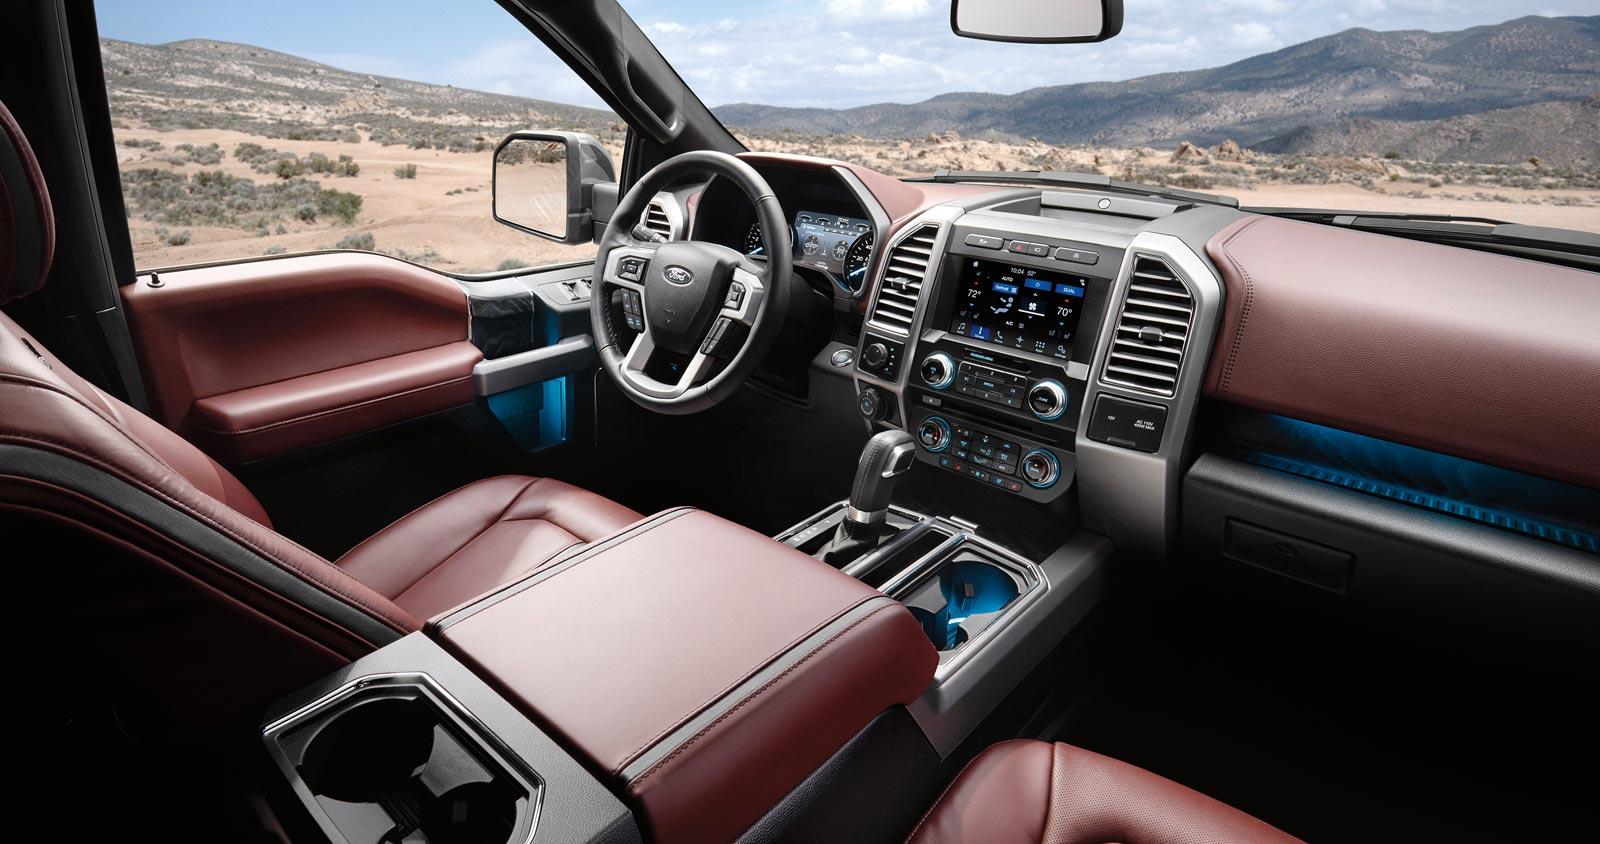 Interior Ford F-150 Lariat Luxury